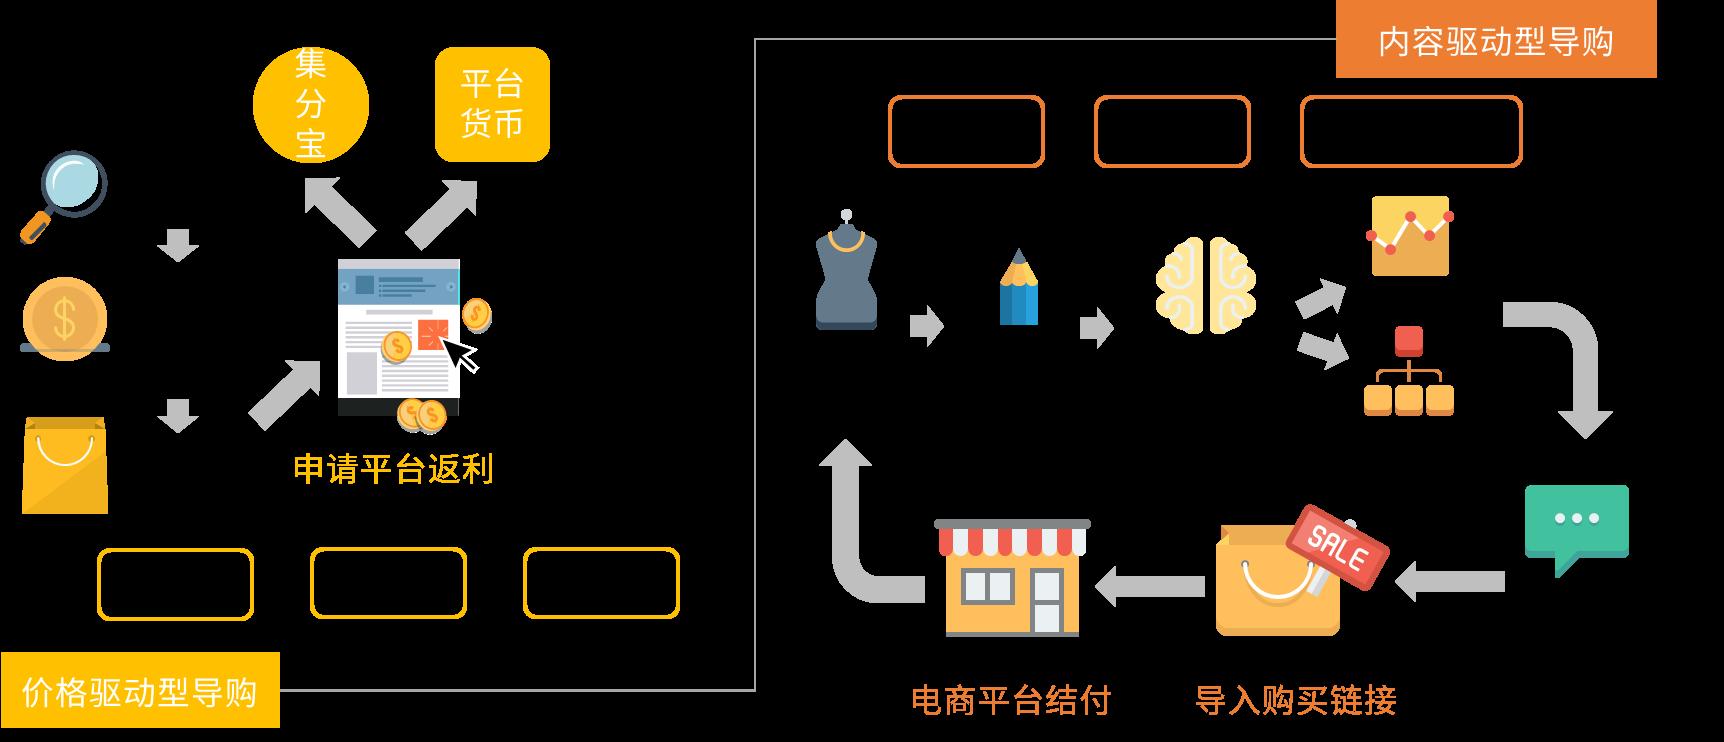 2019中国导购电商行业现状及发展趋势预判